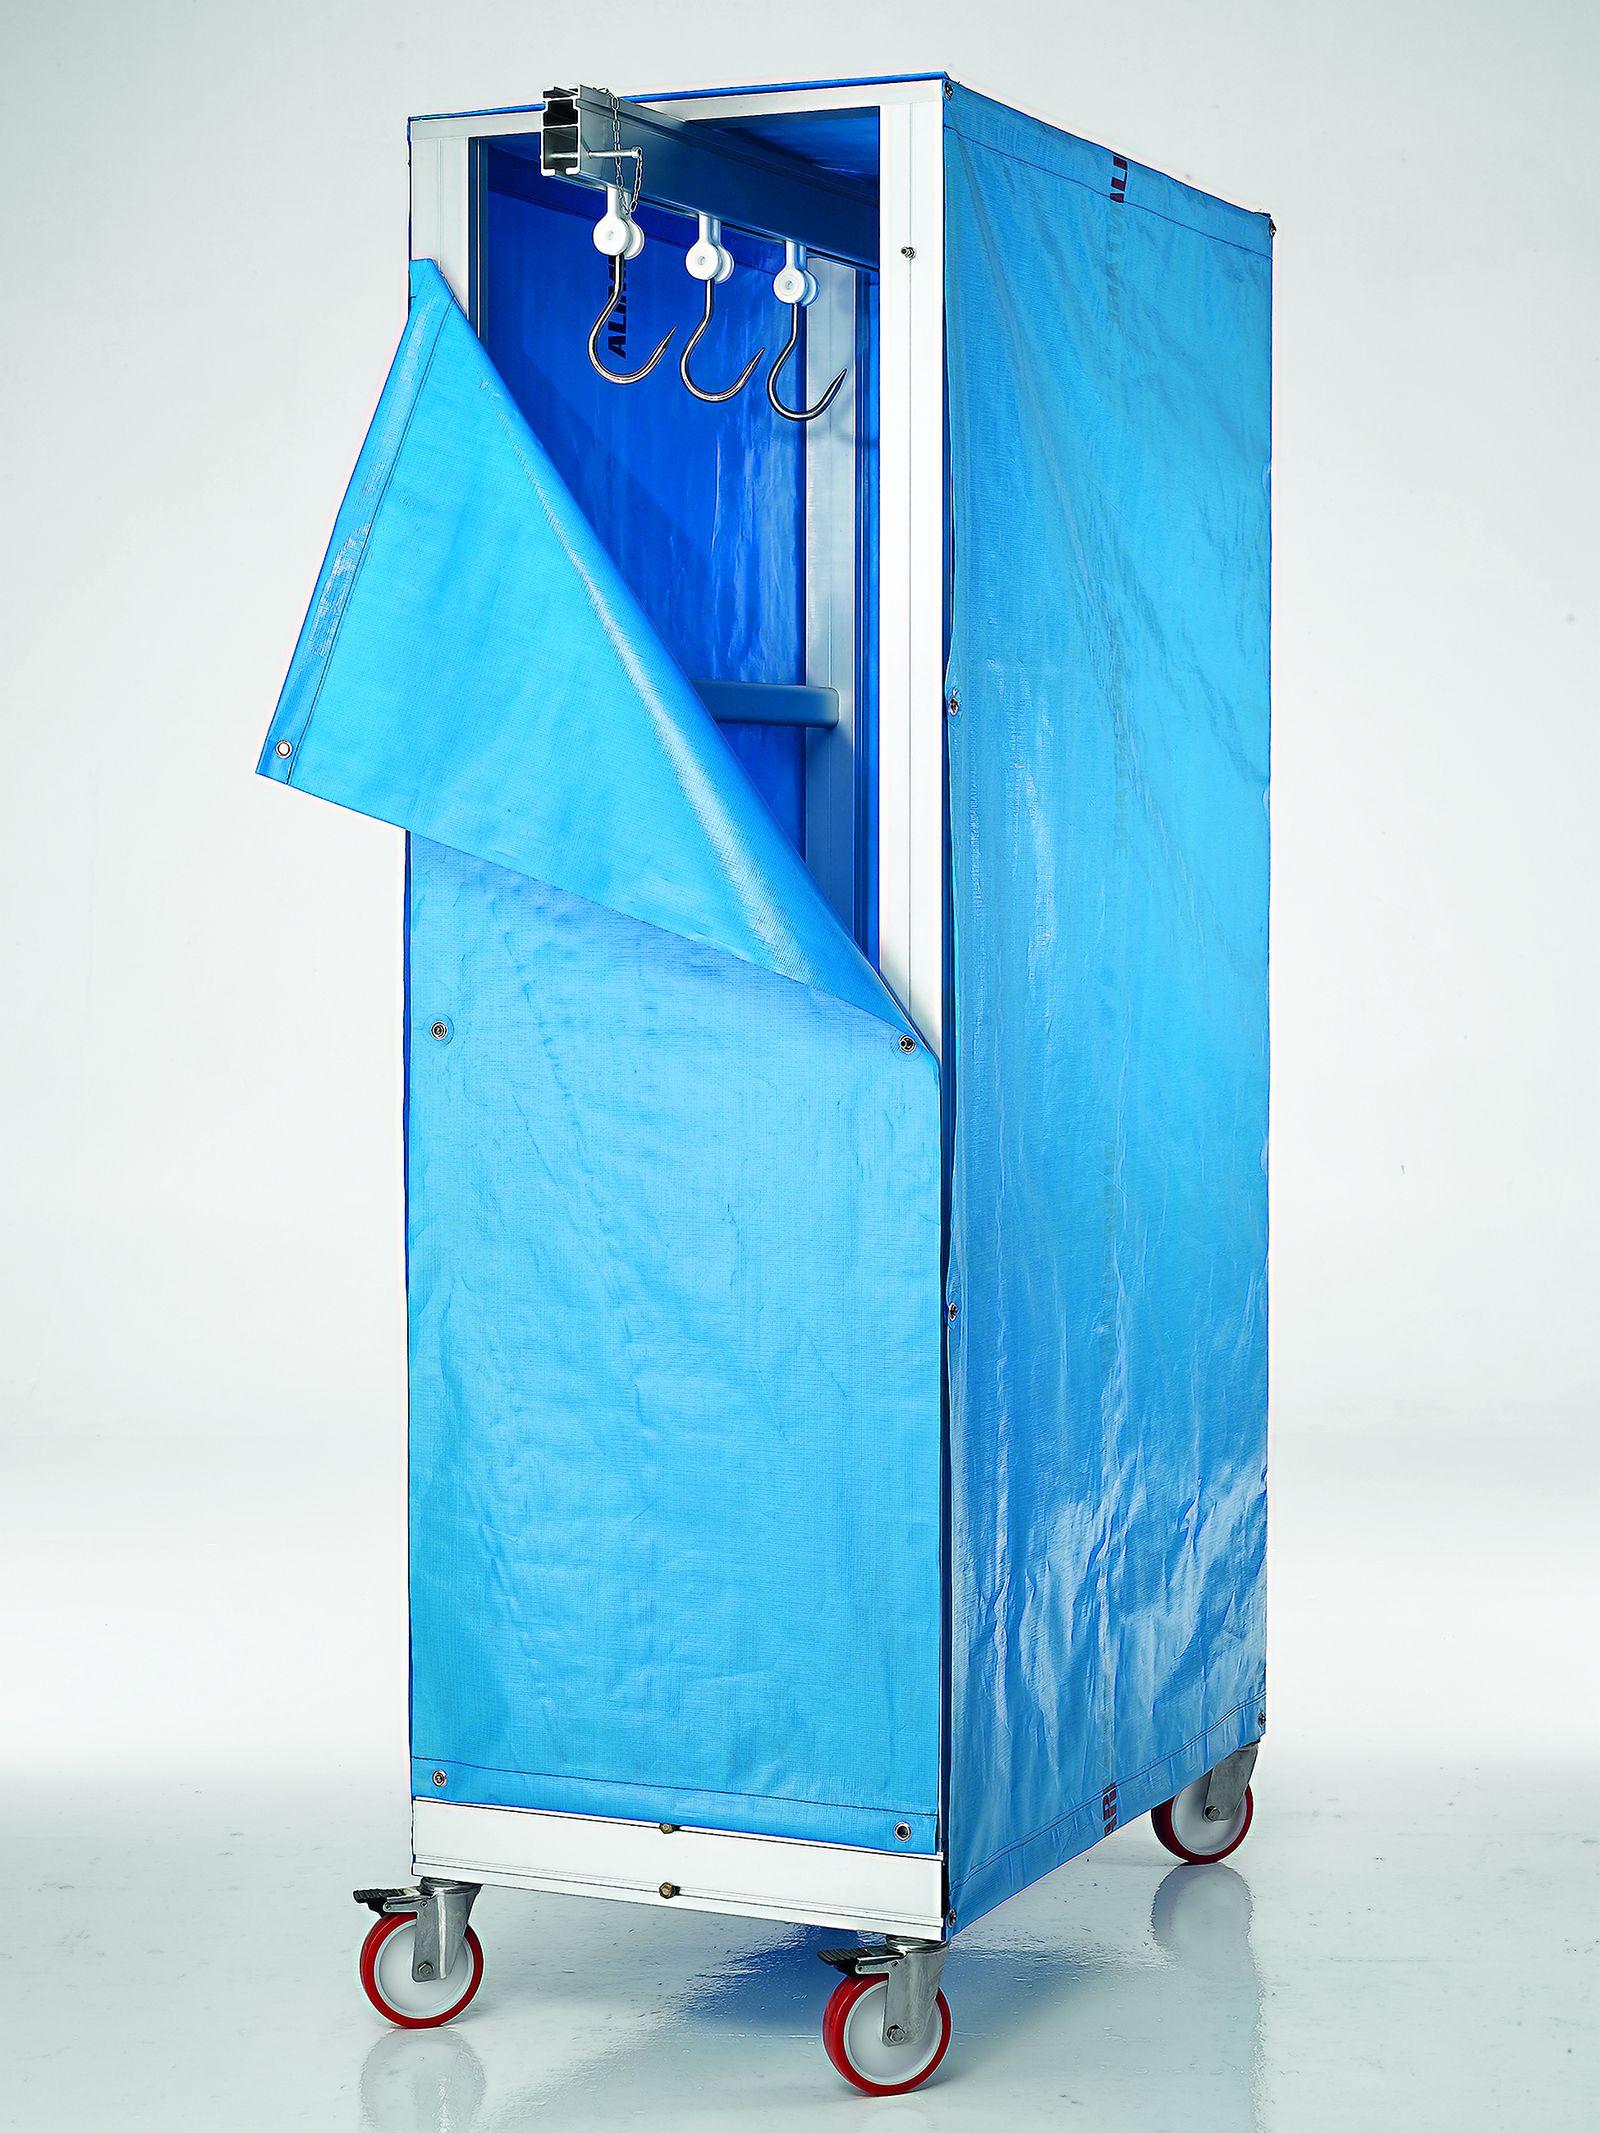 carrello porta carne con telo blu formato alto